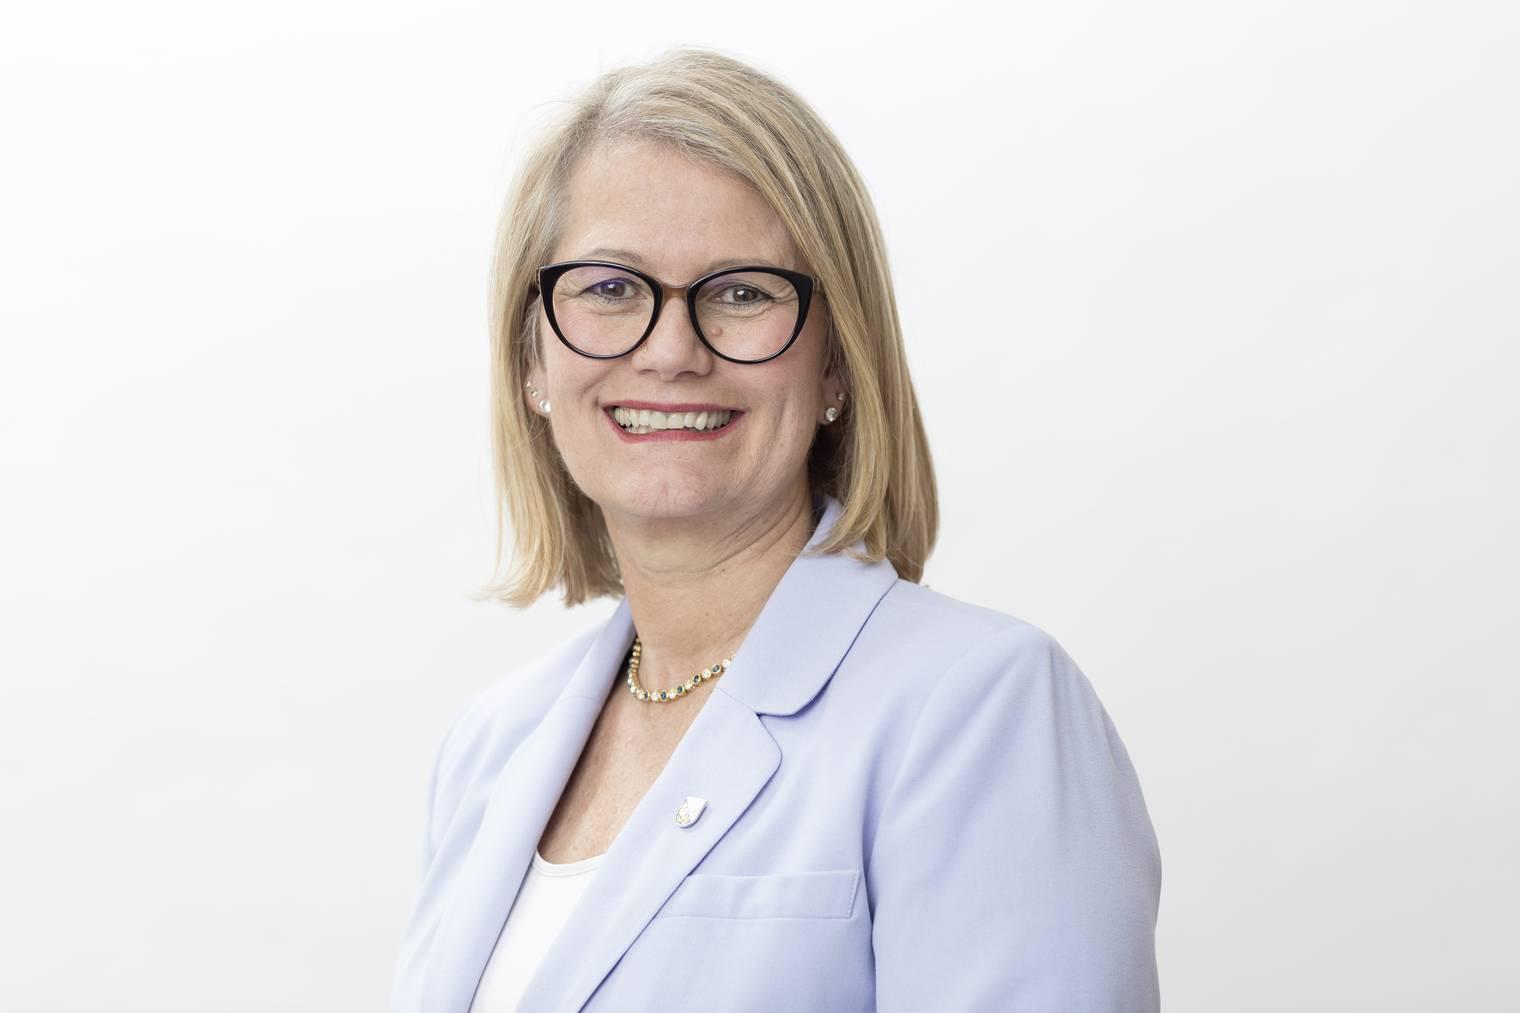 Monika Egli-Alge Rechtspsychologin und Leiterin FORIO (Forensisches Institut Ostschweiz)